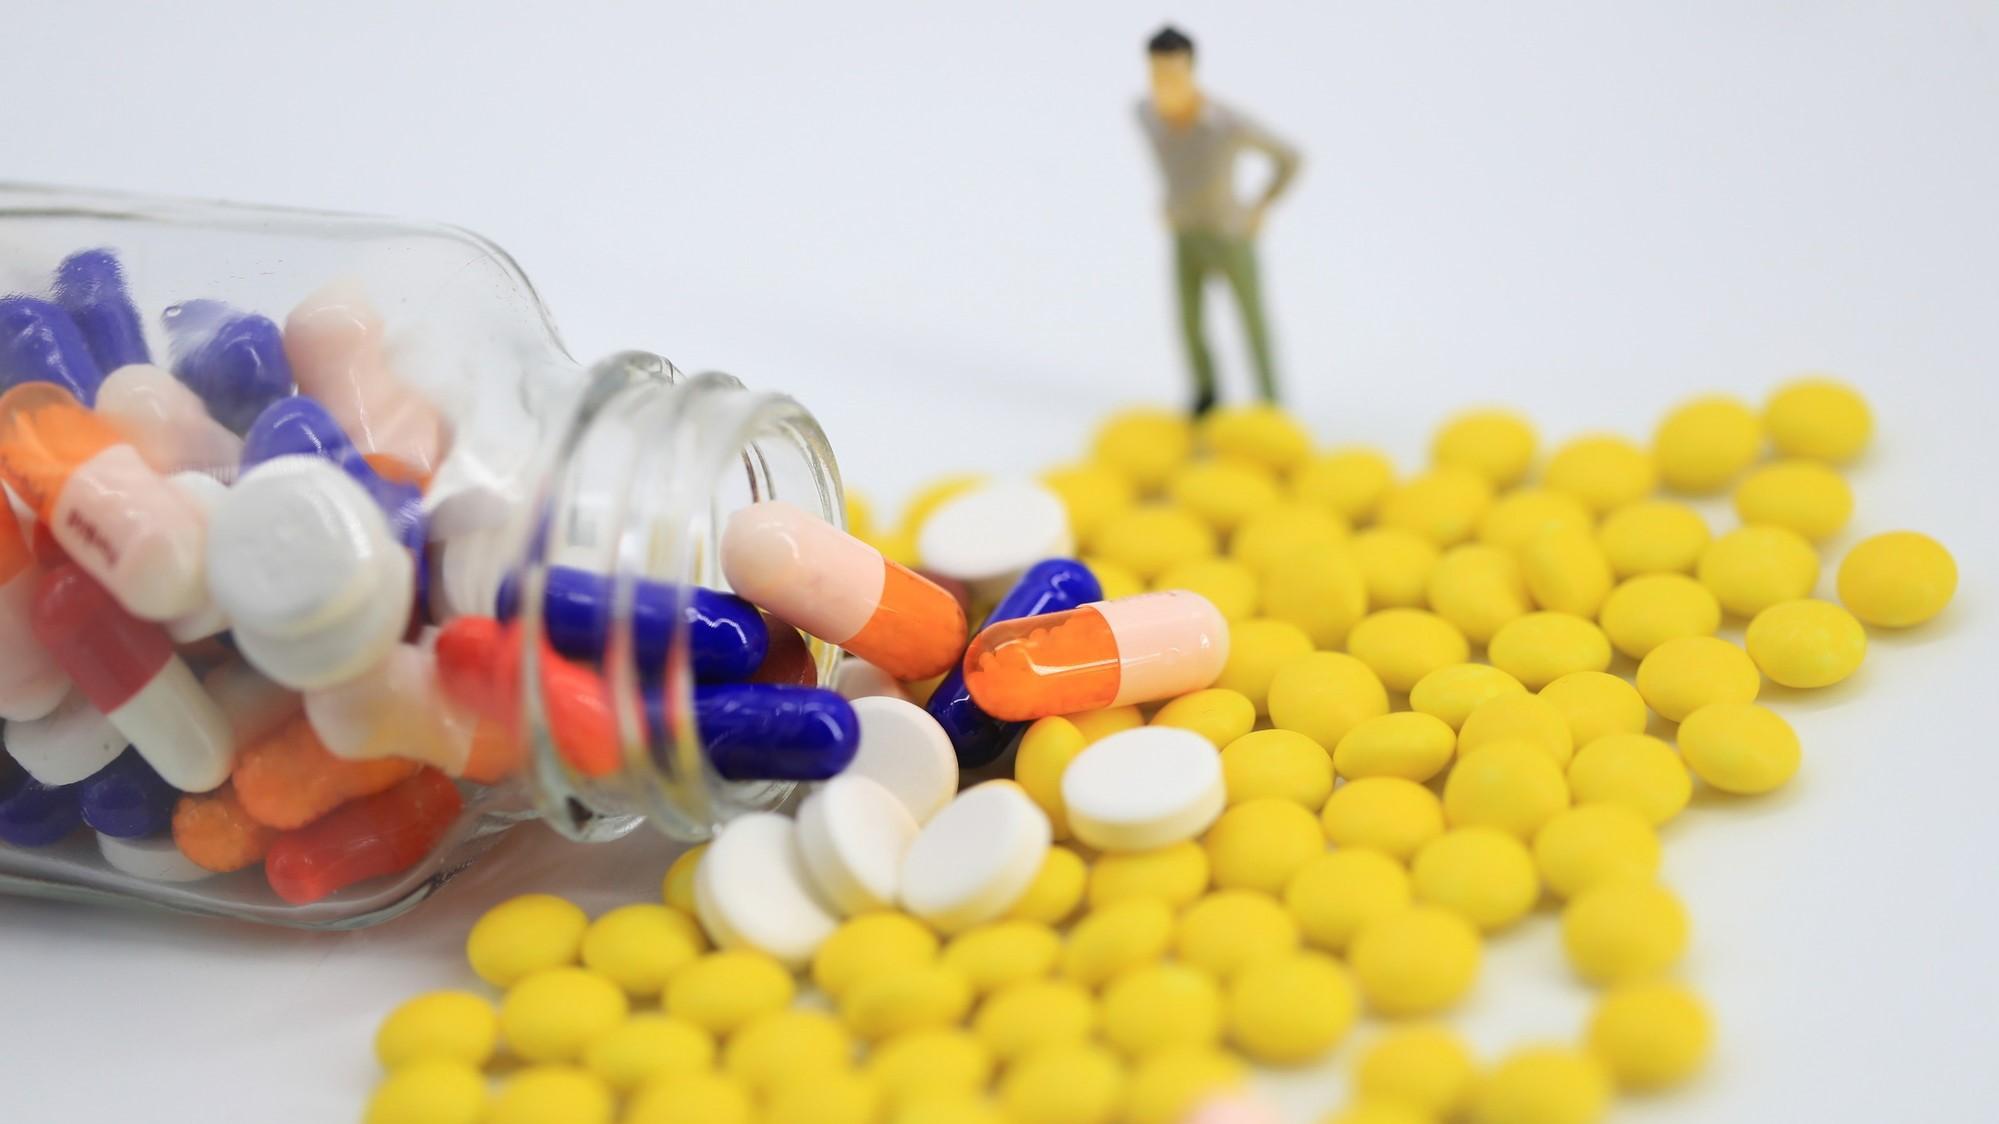 绿叶制药生物抗体药LY06006进入III期临床